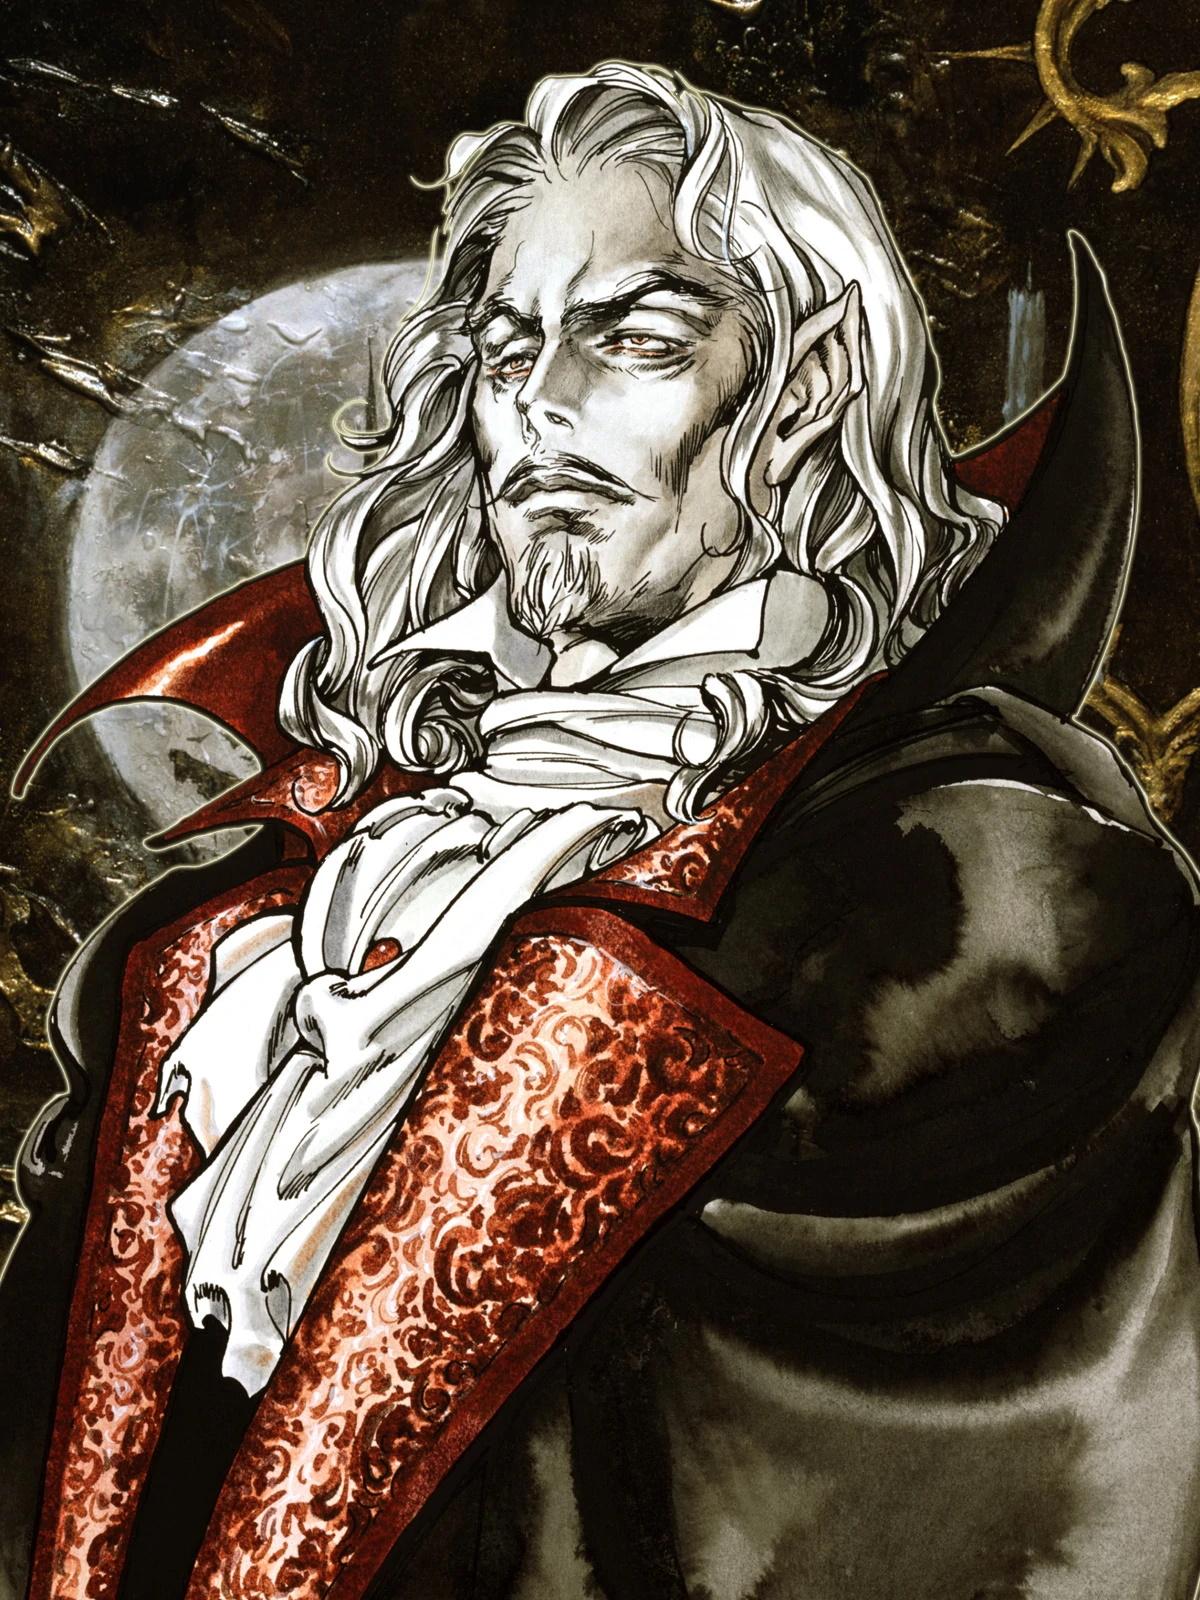 [Trama] Buscando el favor de Valaquia Lord_Dracula_Castlevania